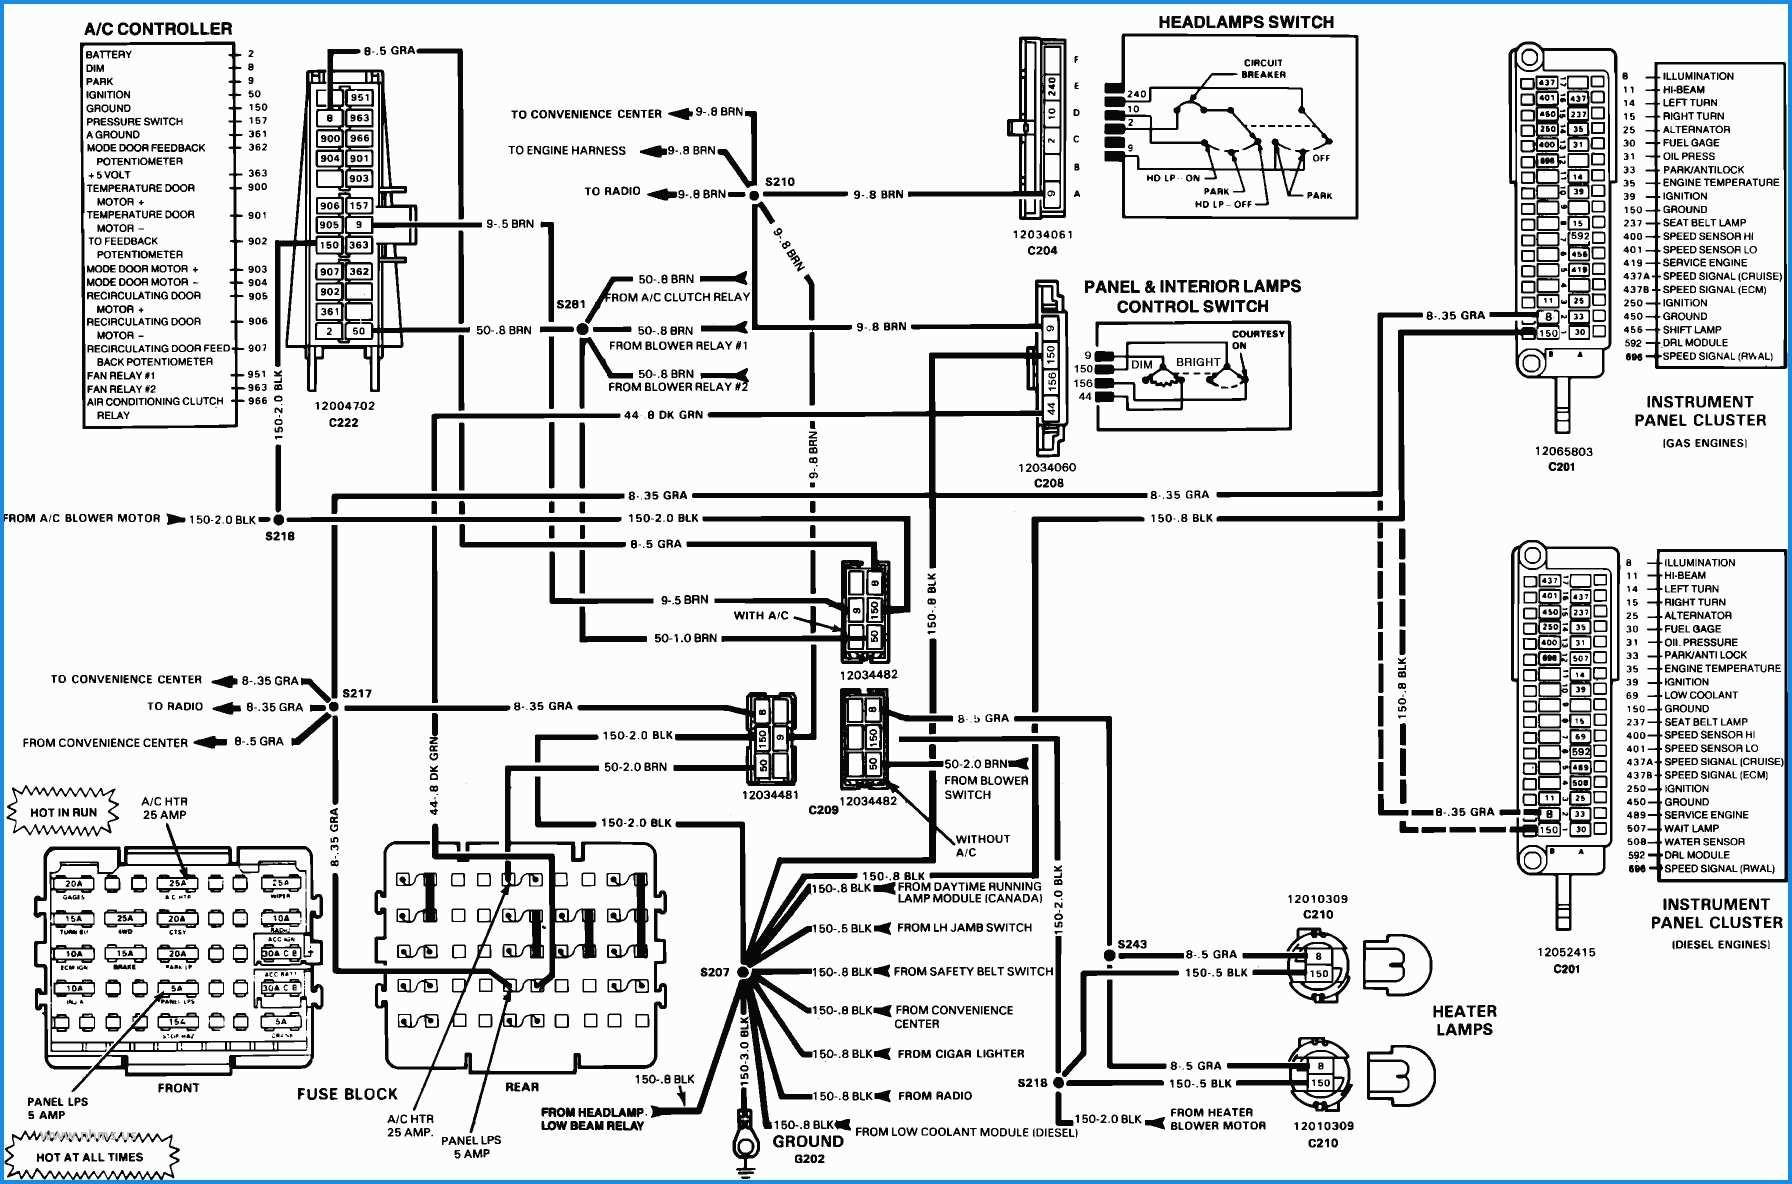 84 Gmc Truck Turn Signal Lights On when Light On 1984 Gmc Wiring Diagram Wiring Diagram Verison Verison Of 84 Gmc Truck Turn Signal Lights On when Light On